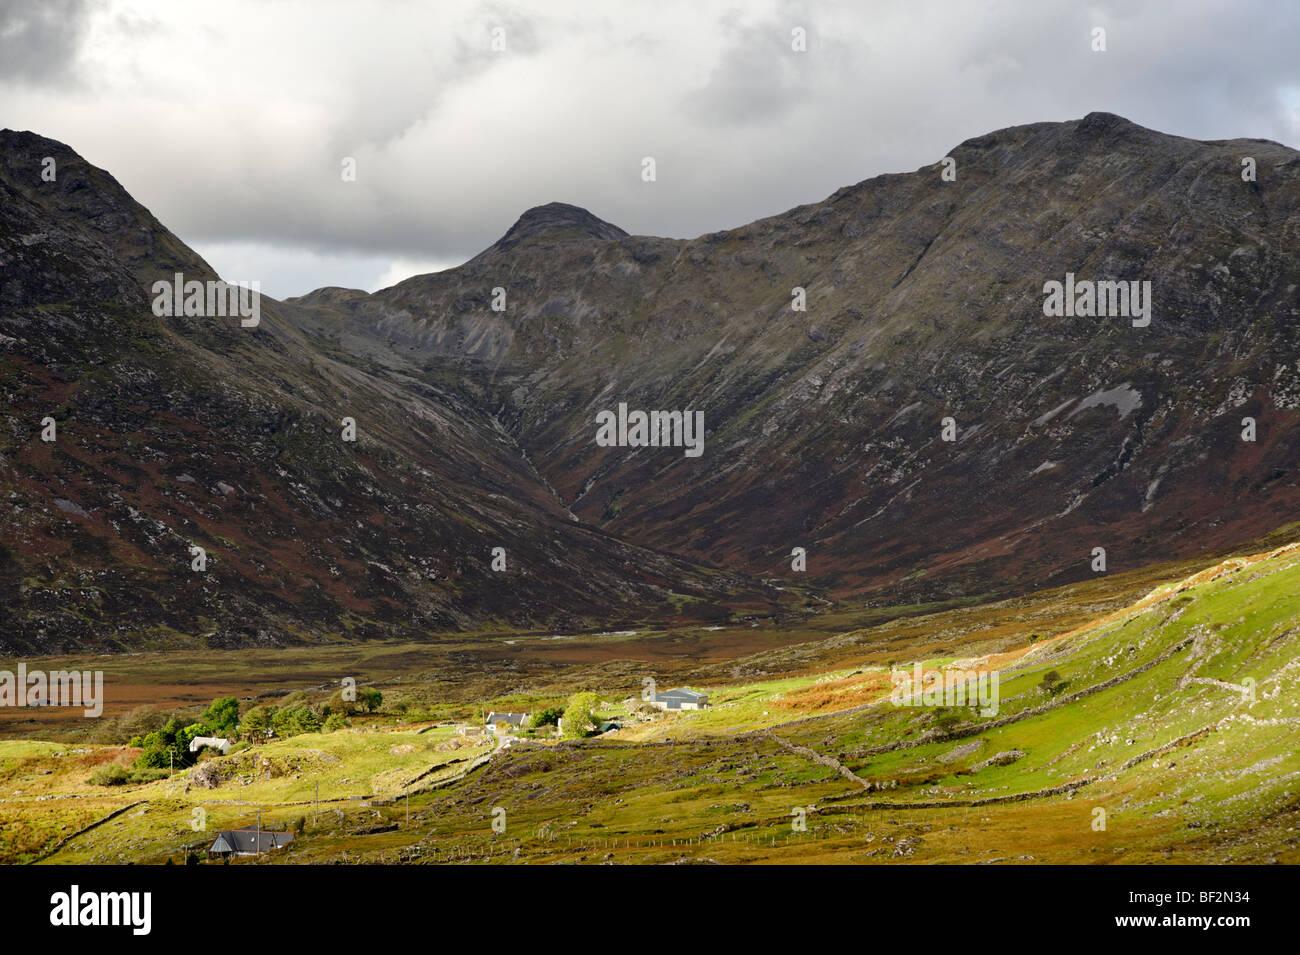 Part of the Twelve Bens mountain range. Connemara. Co Galway. Ireland 2009. - Stock Image